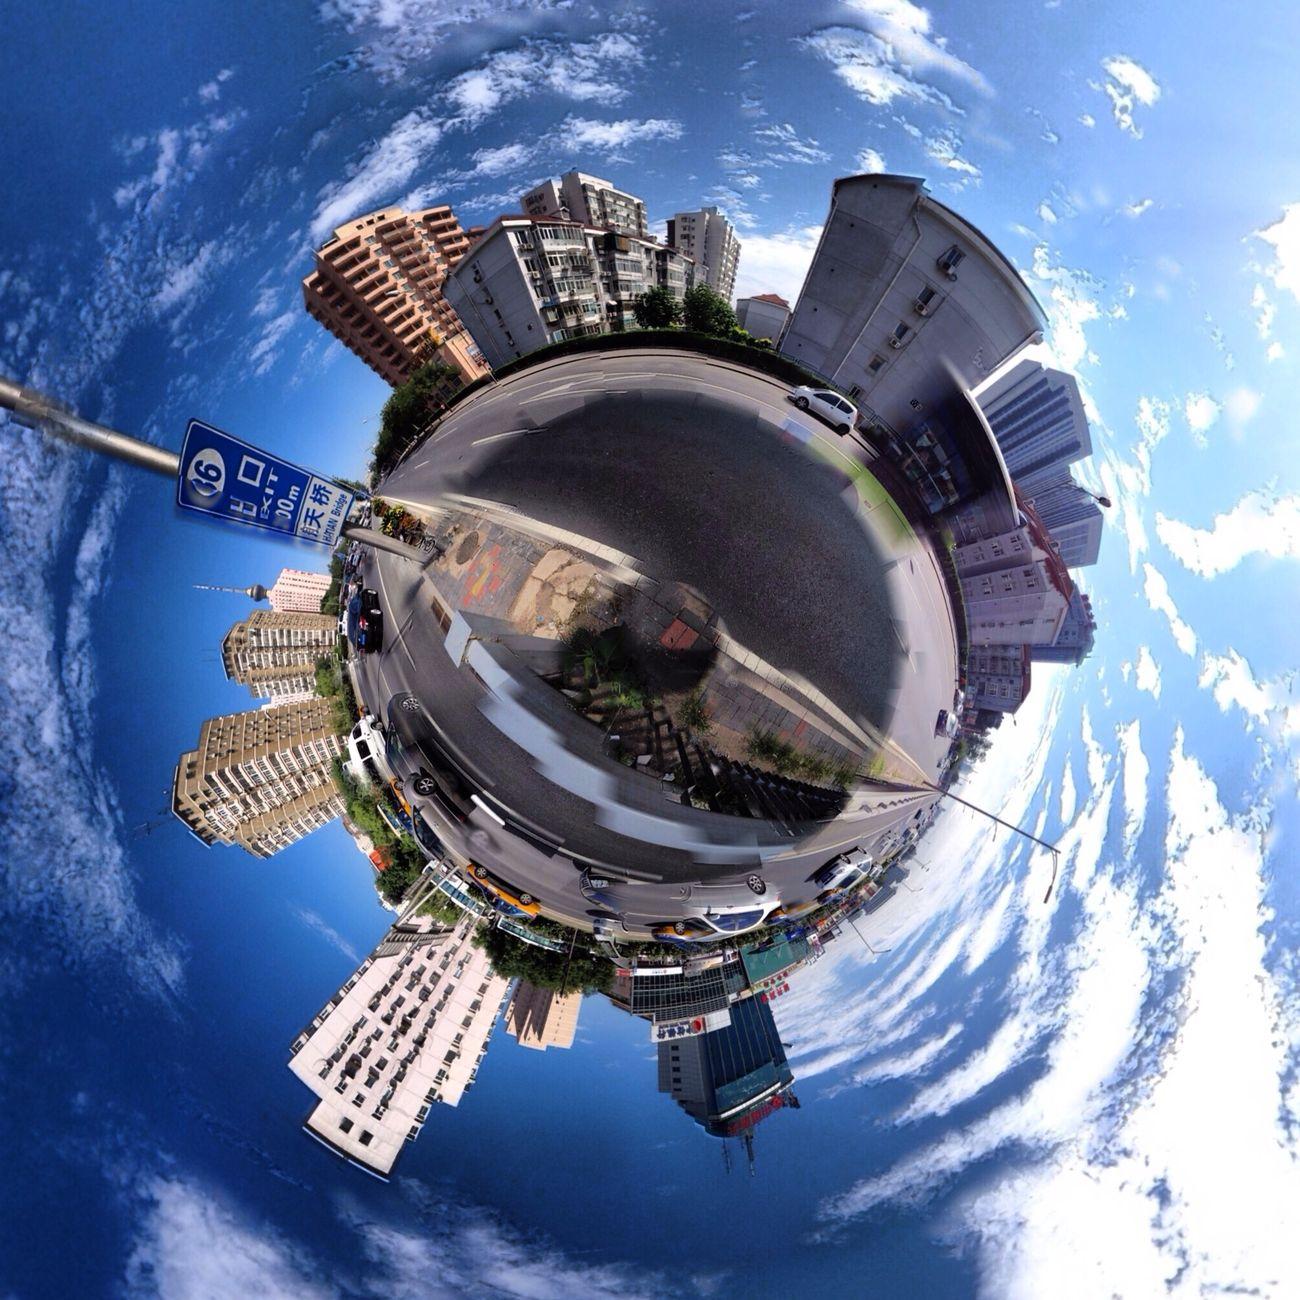 360全景球面投影照改变了观察空间的方式